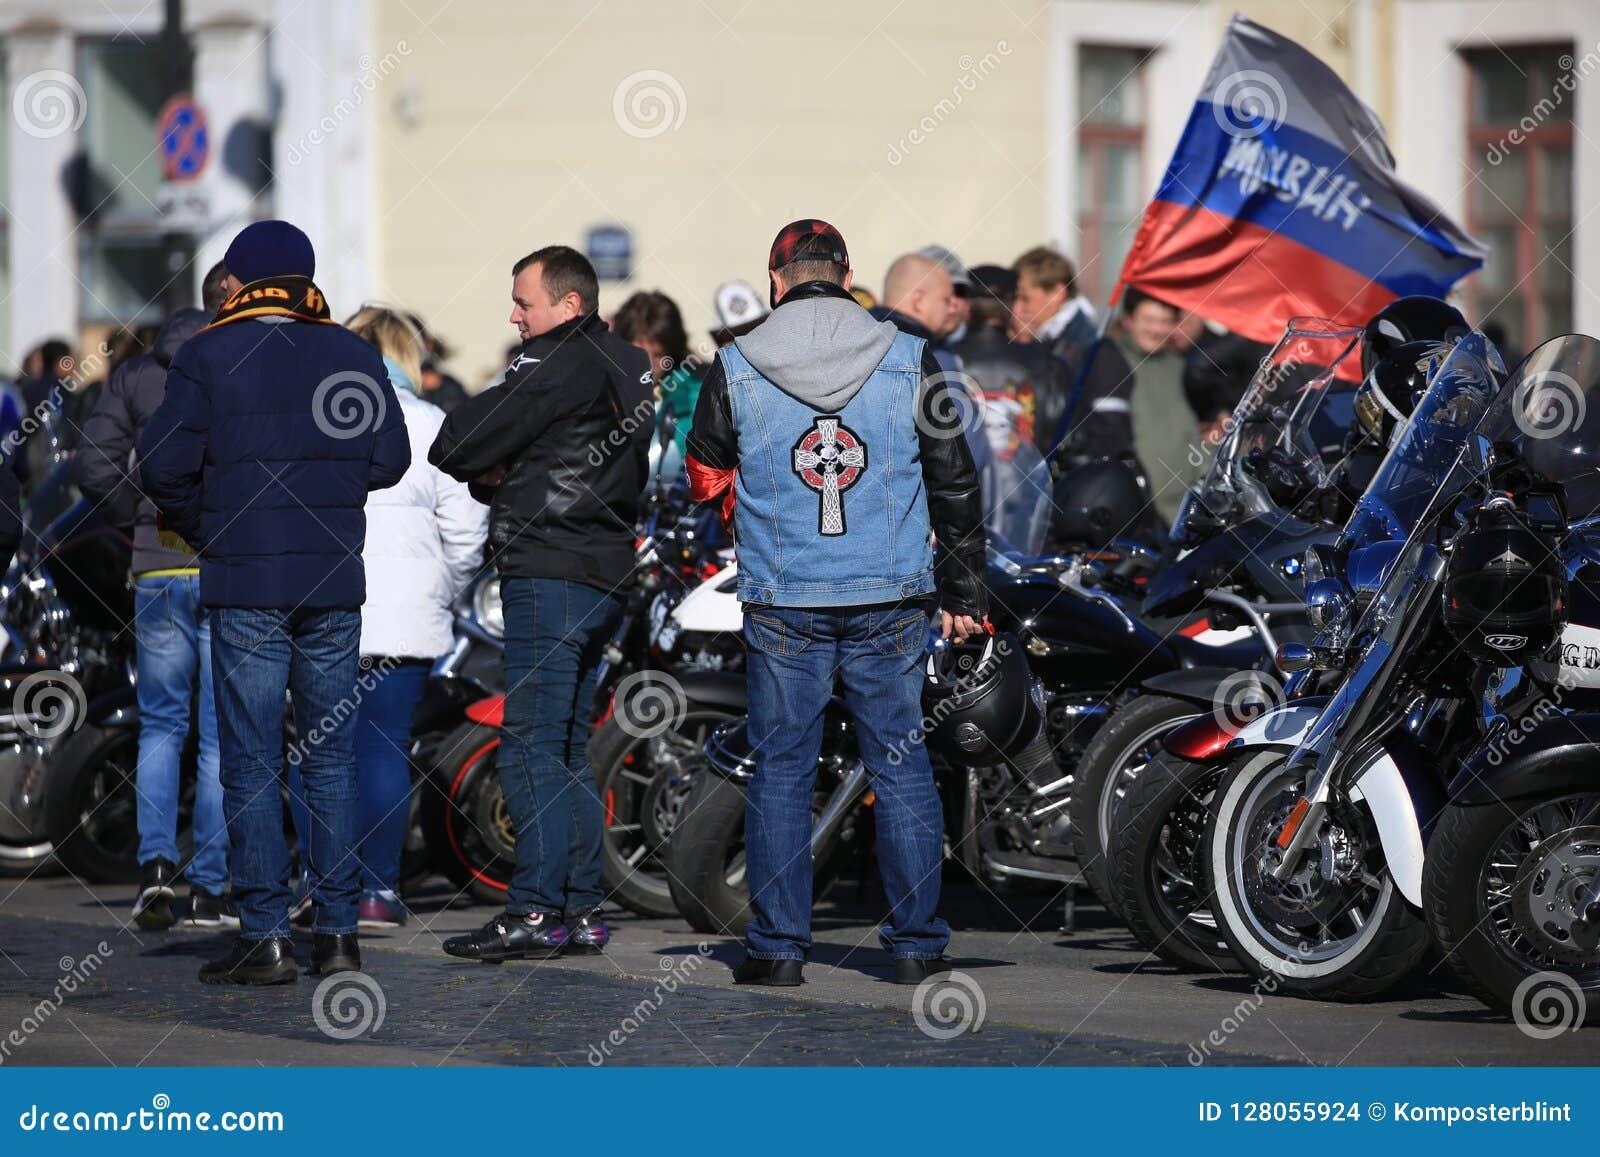 Participantes del movimiento del motorista de la ciudad de Tikhvin con sus motocicletas cerca de la pared del edificio del estado